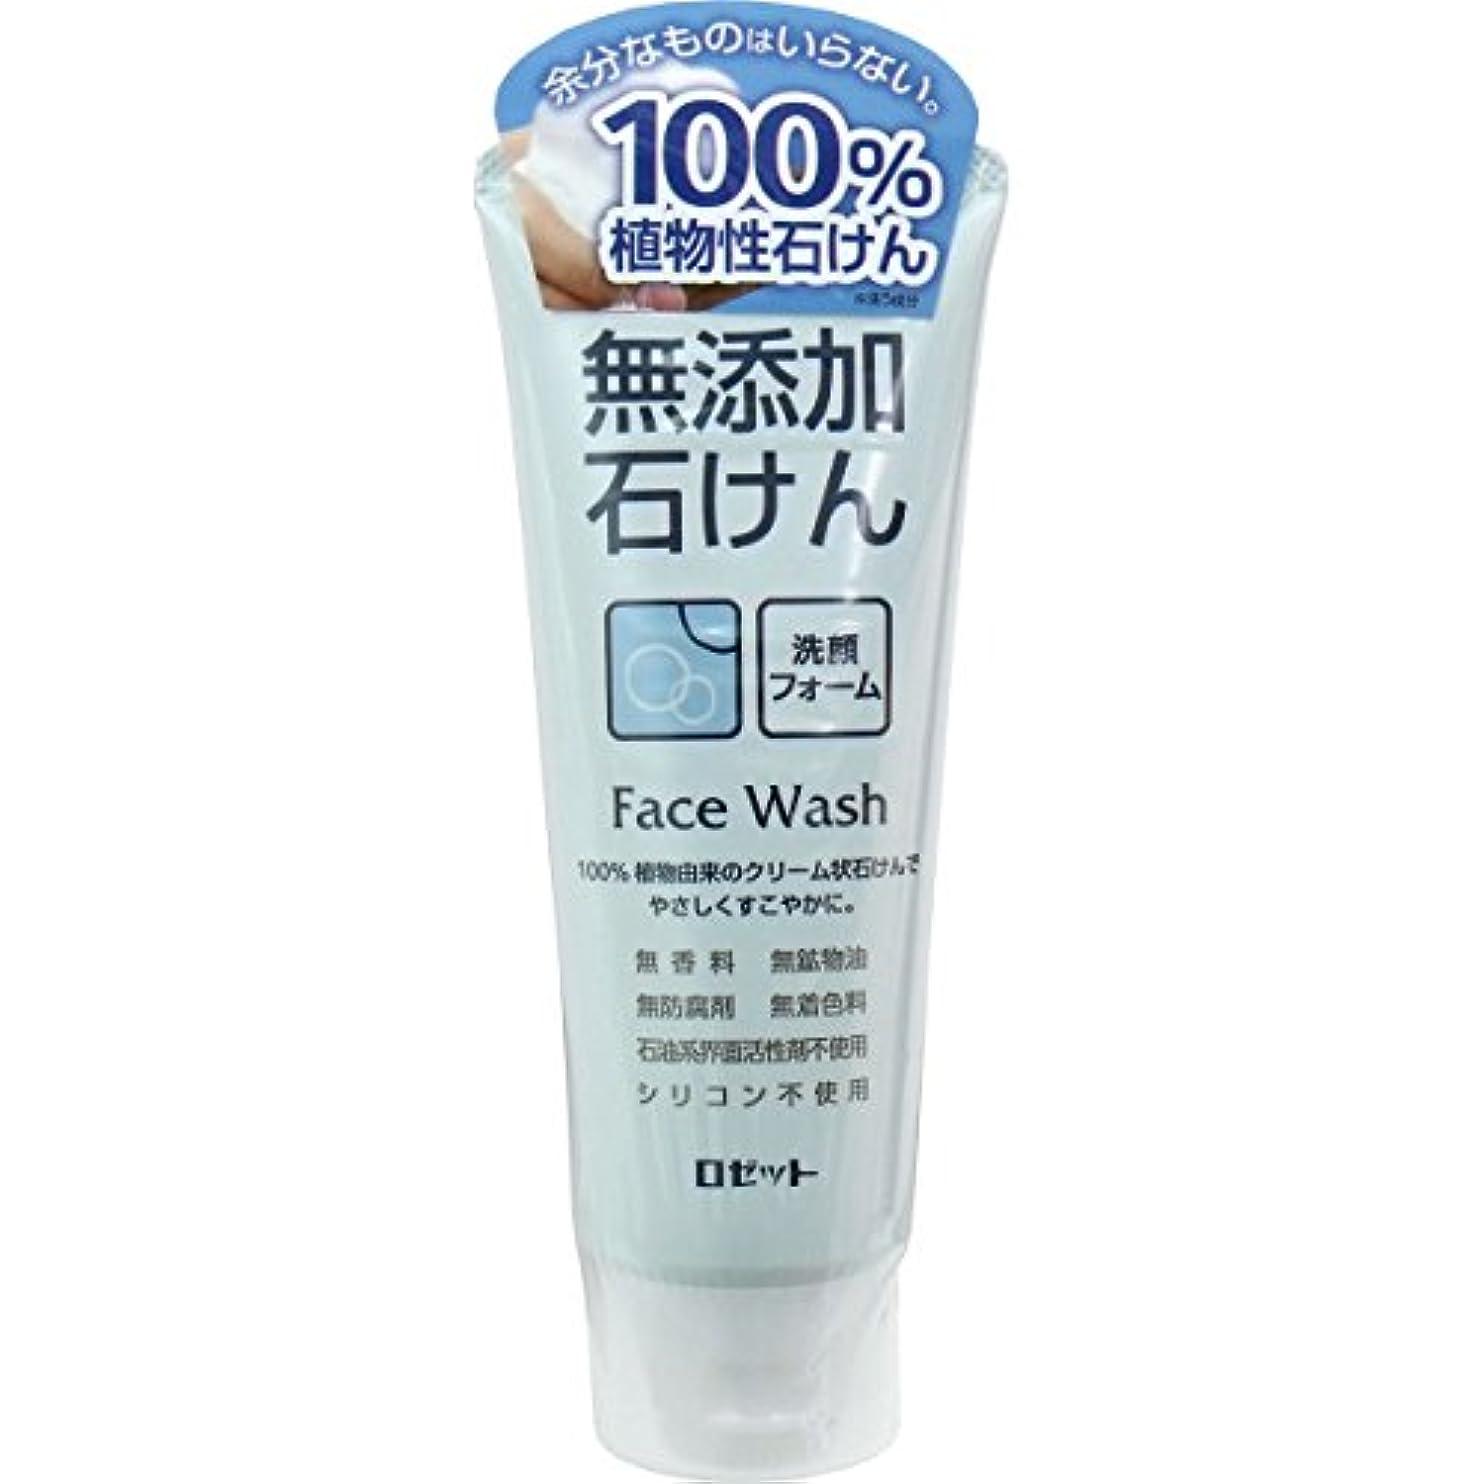 【まとめ買い】無添加石けん洗顔フォーム ×2セット